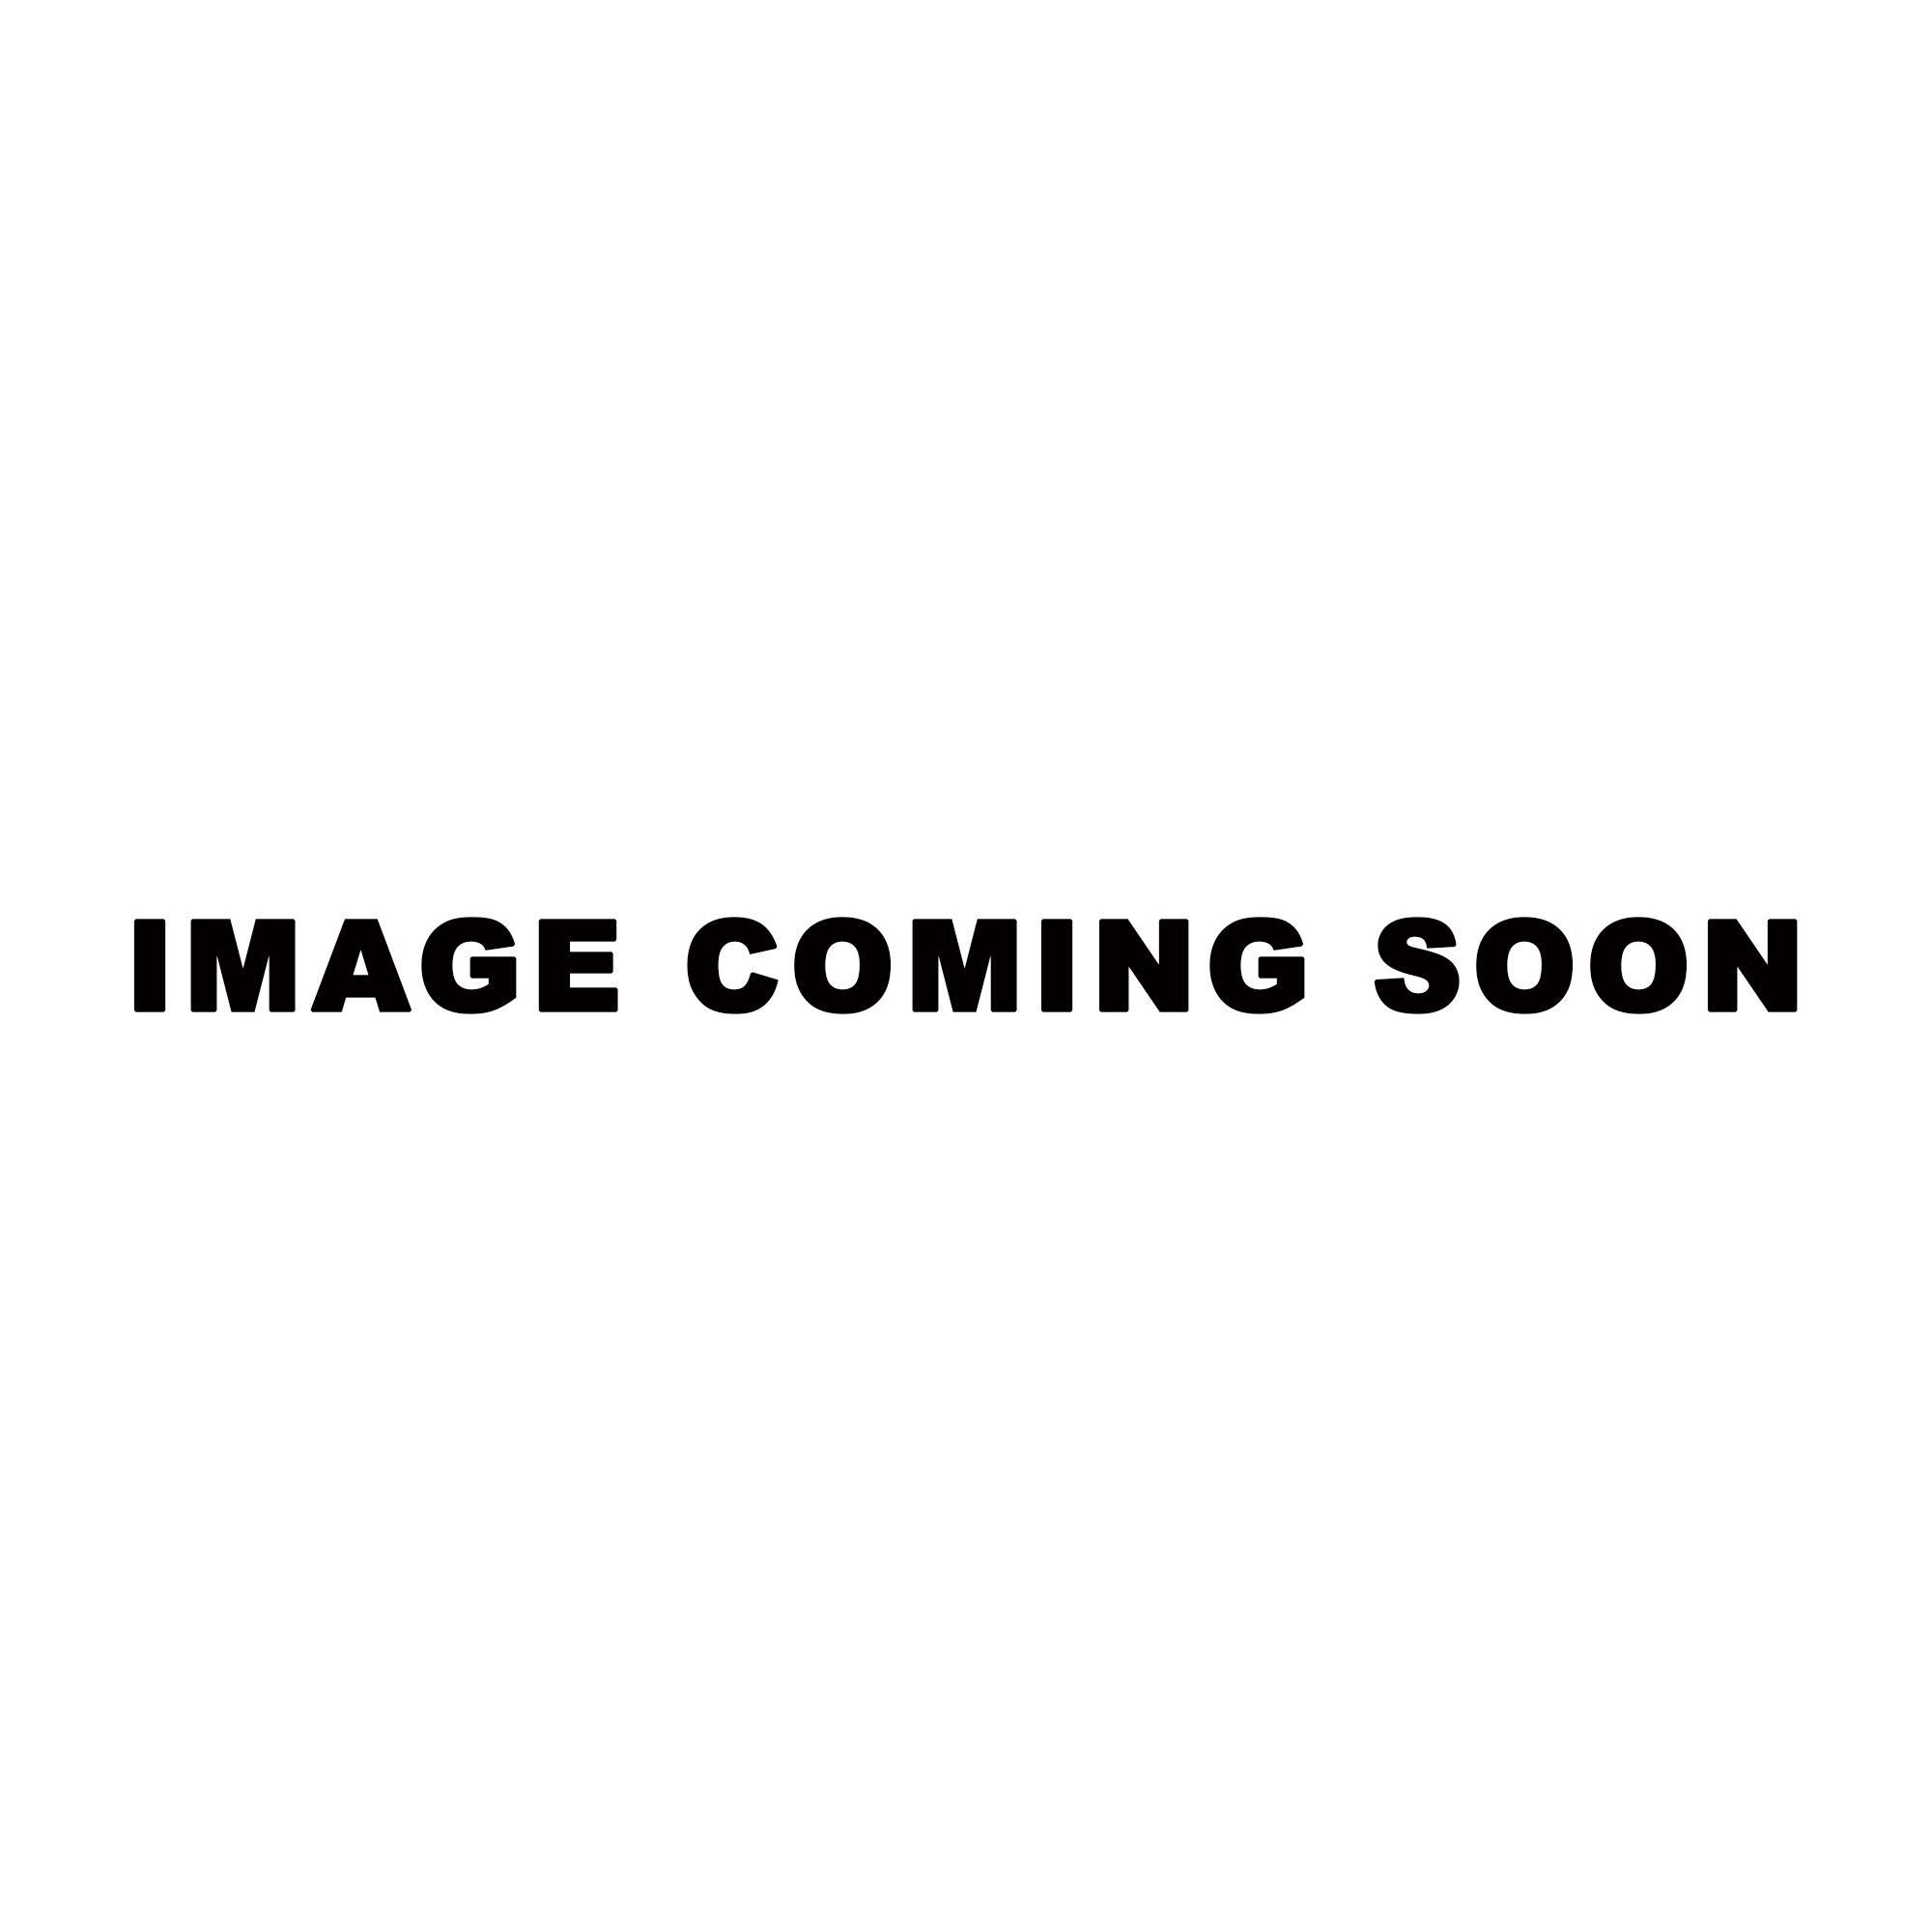 Unk San Antonio Spurs Black Evolve T-shirt